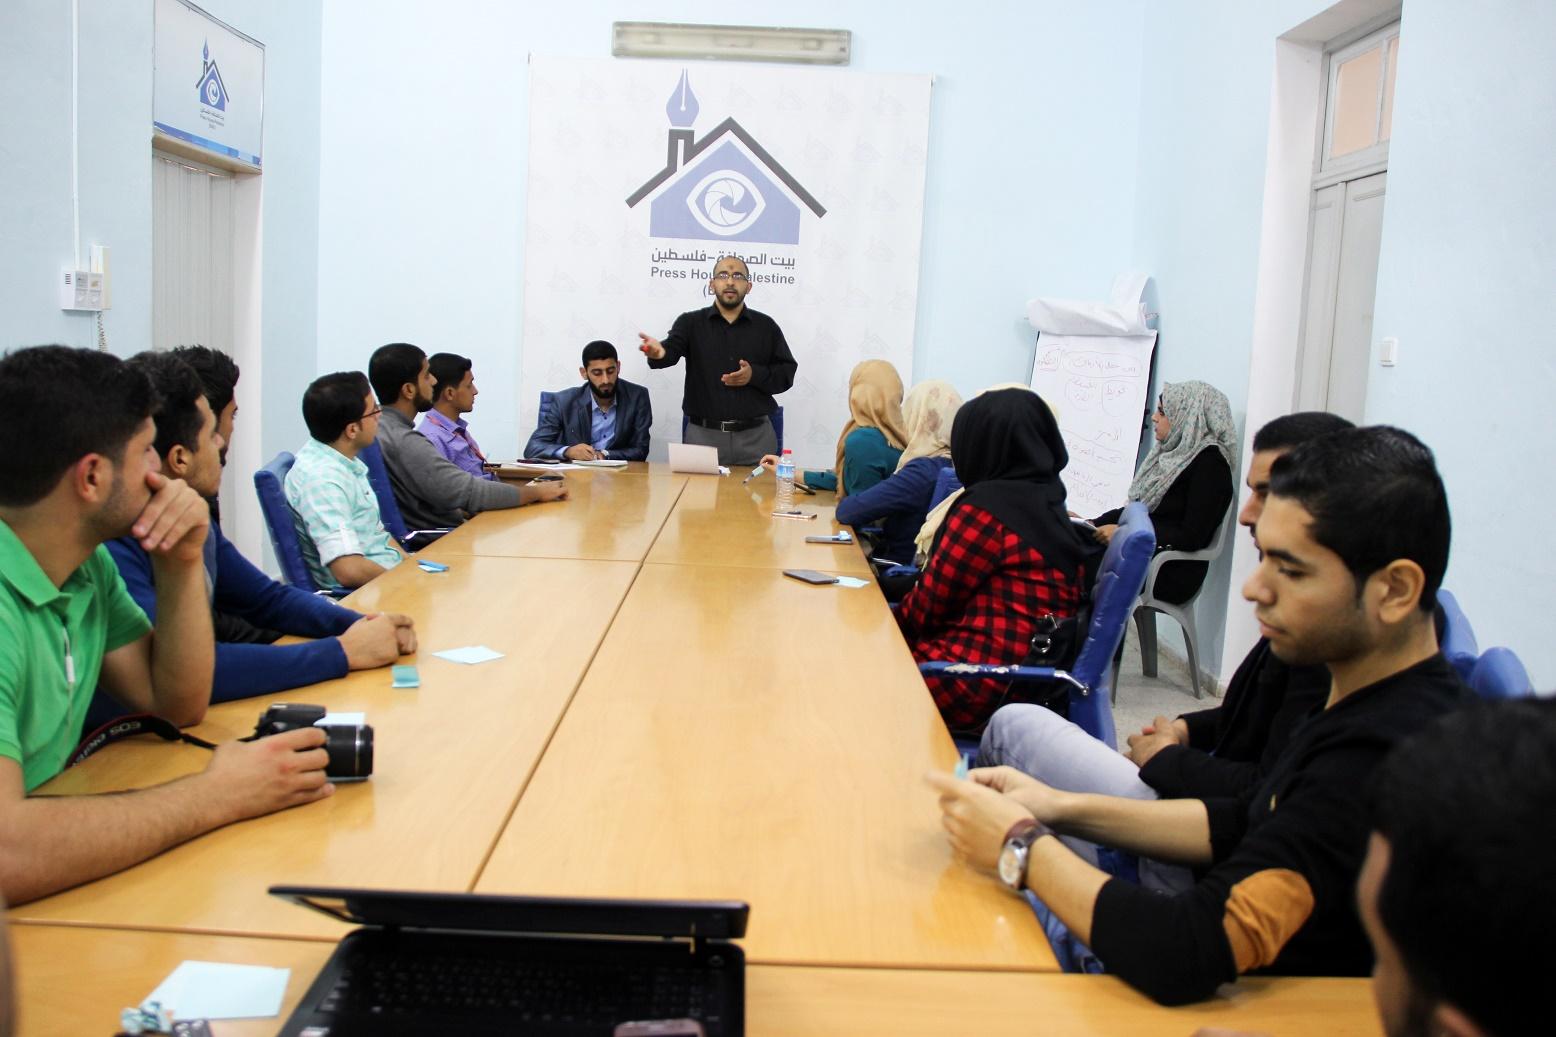 بالتعاون مع بيت الصحافة .. كلية الاعلام بجامعة الاقصى تنظم ورشة عمل حول العلاقات العامة